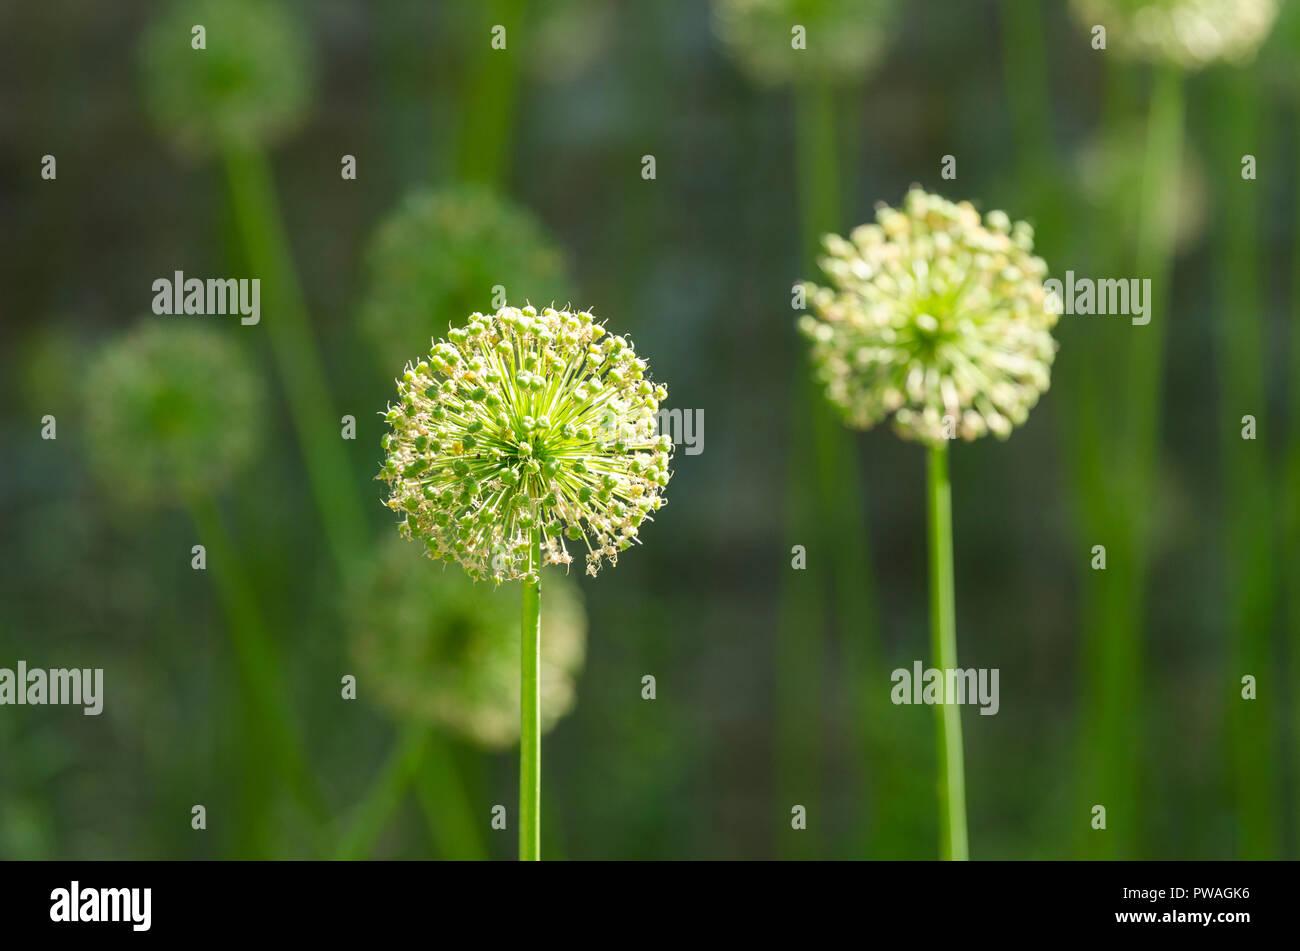 Allieae, allium seed heads, allium seed head, allium seedhead, ornamental onions, monocotyledonous - Stock Image